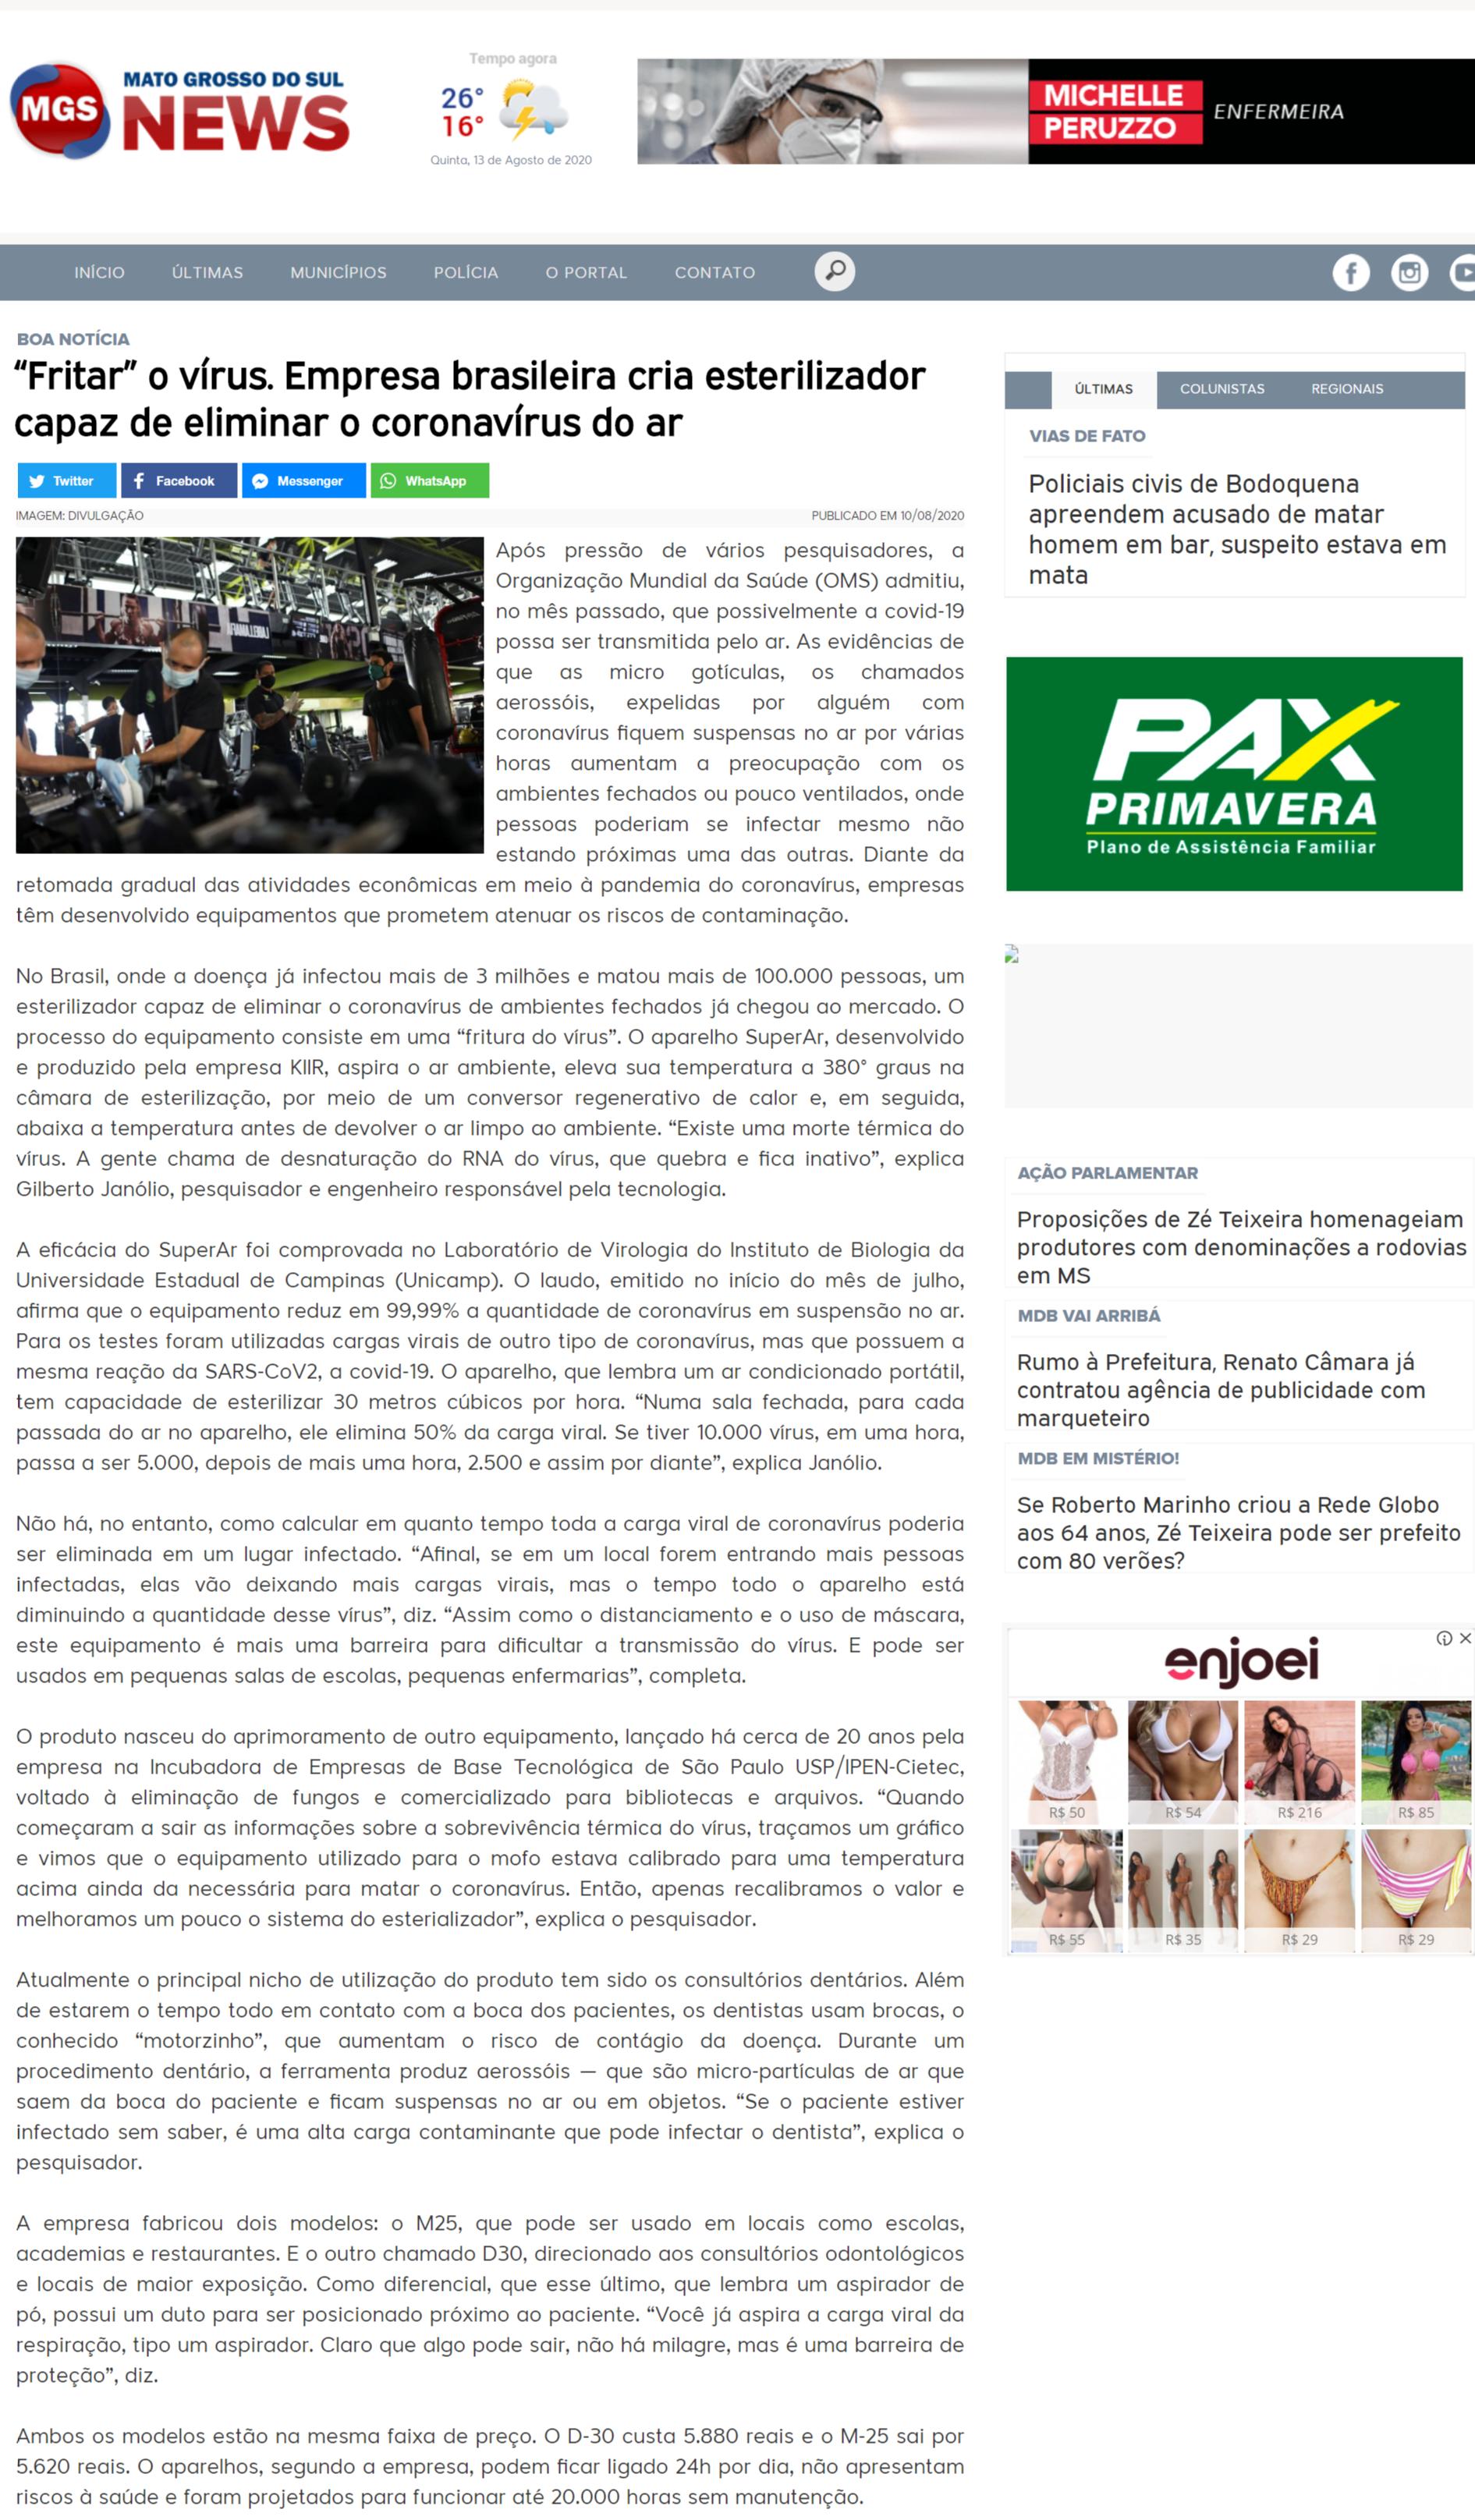 """""""Fritar"""" o vírus. Empresa brasileira cria esterilizador capaz de eliminar o coronavírus do ar - Mato Grosso do Sul News"""